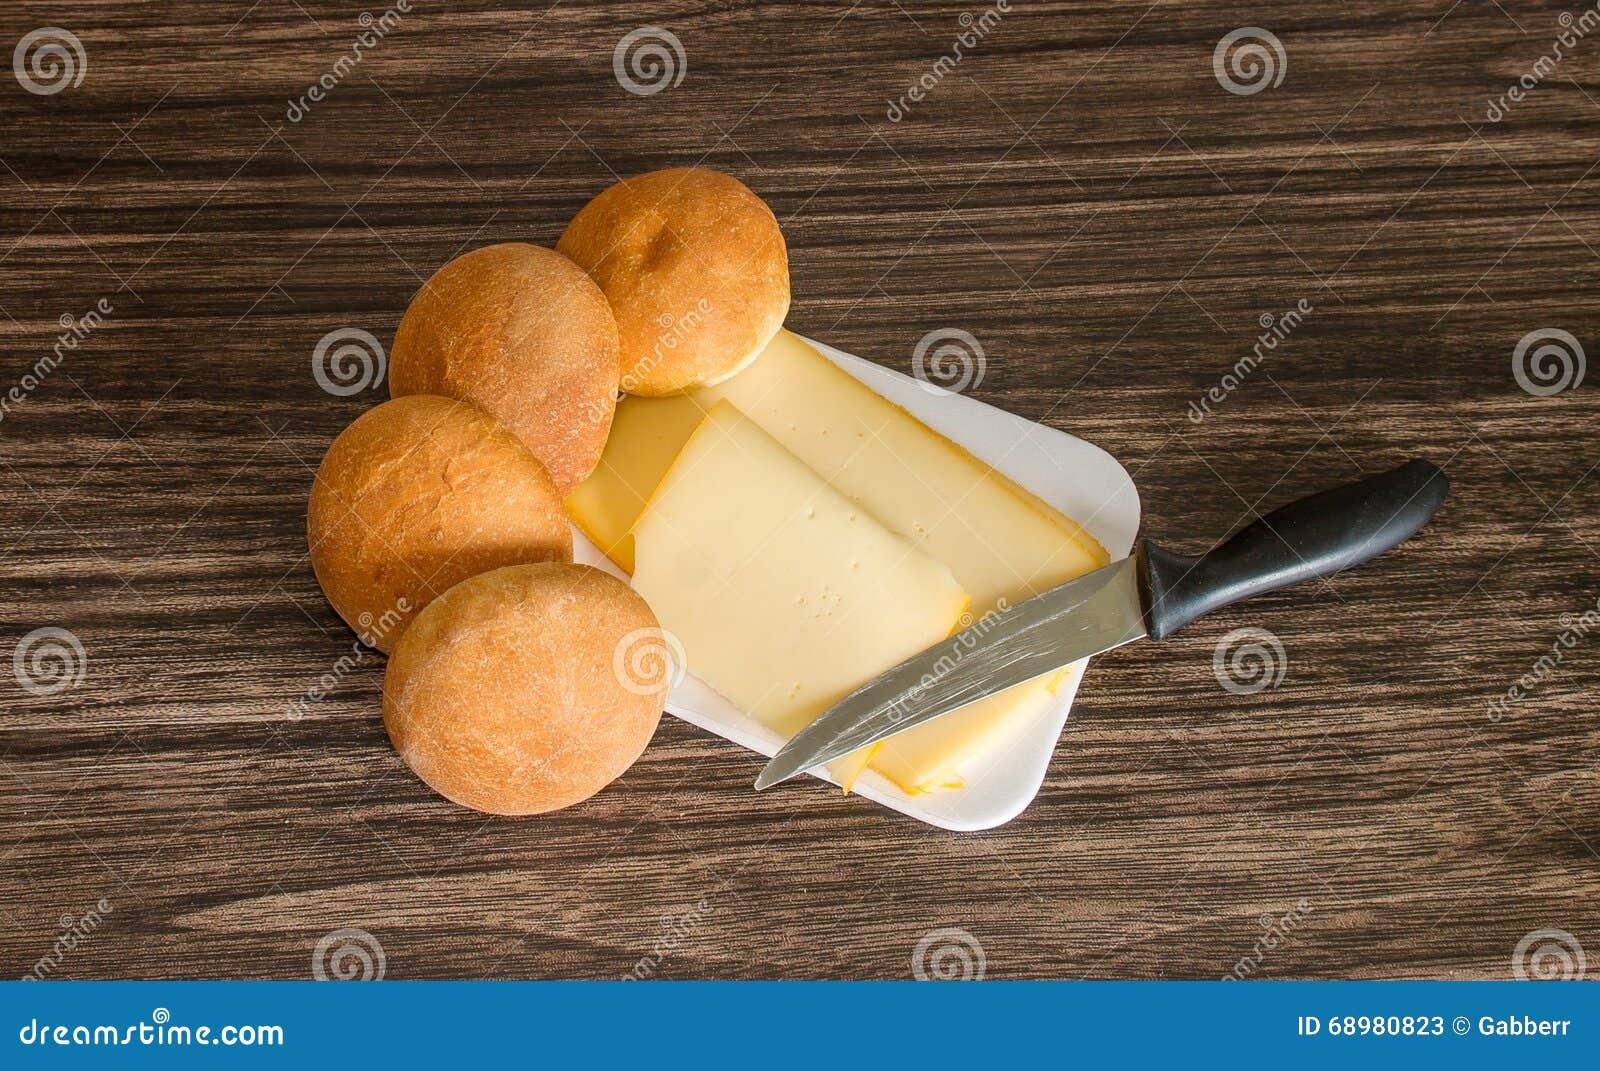 Fromage, petits pains de pain et couteau